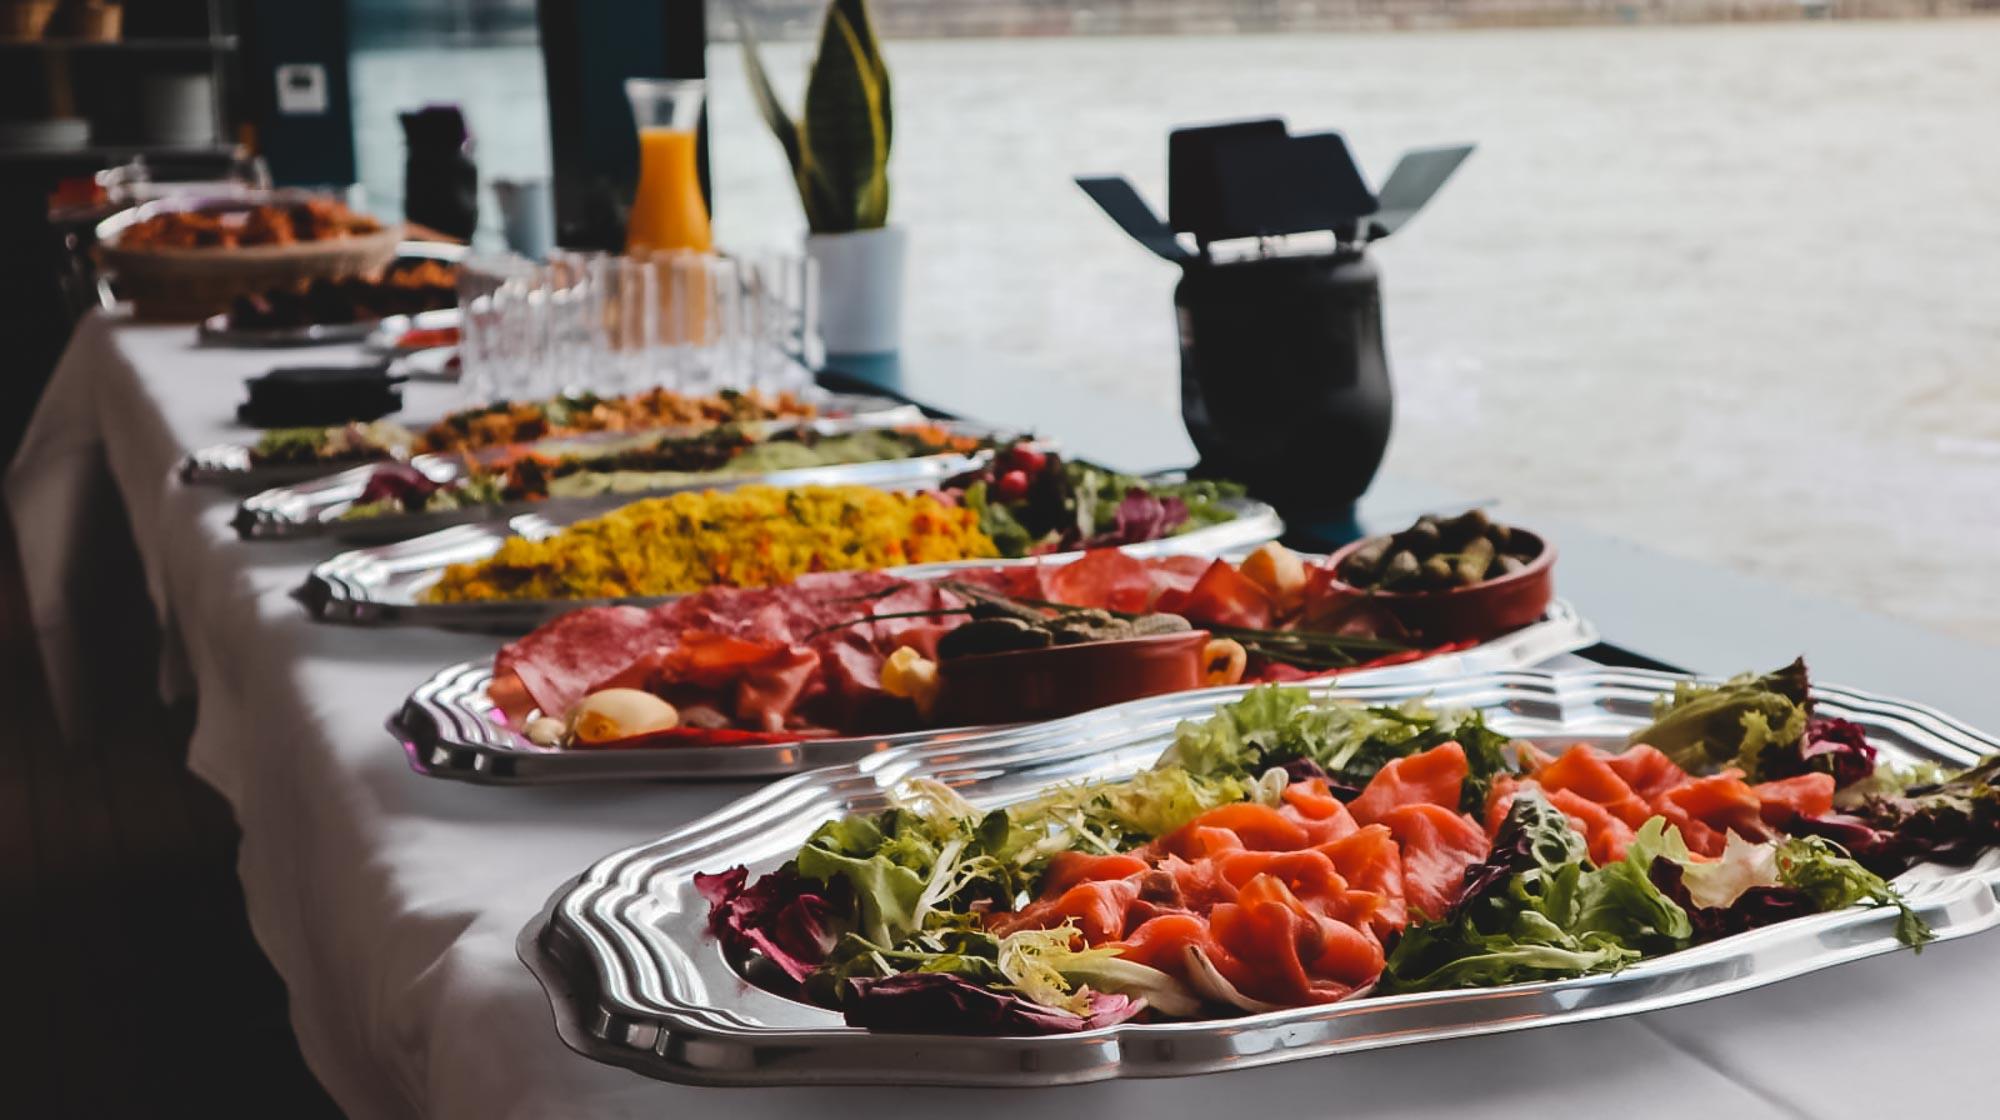 Dîner de croisière : un dîner en plusieurs étapes ?